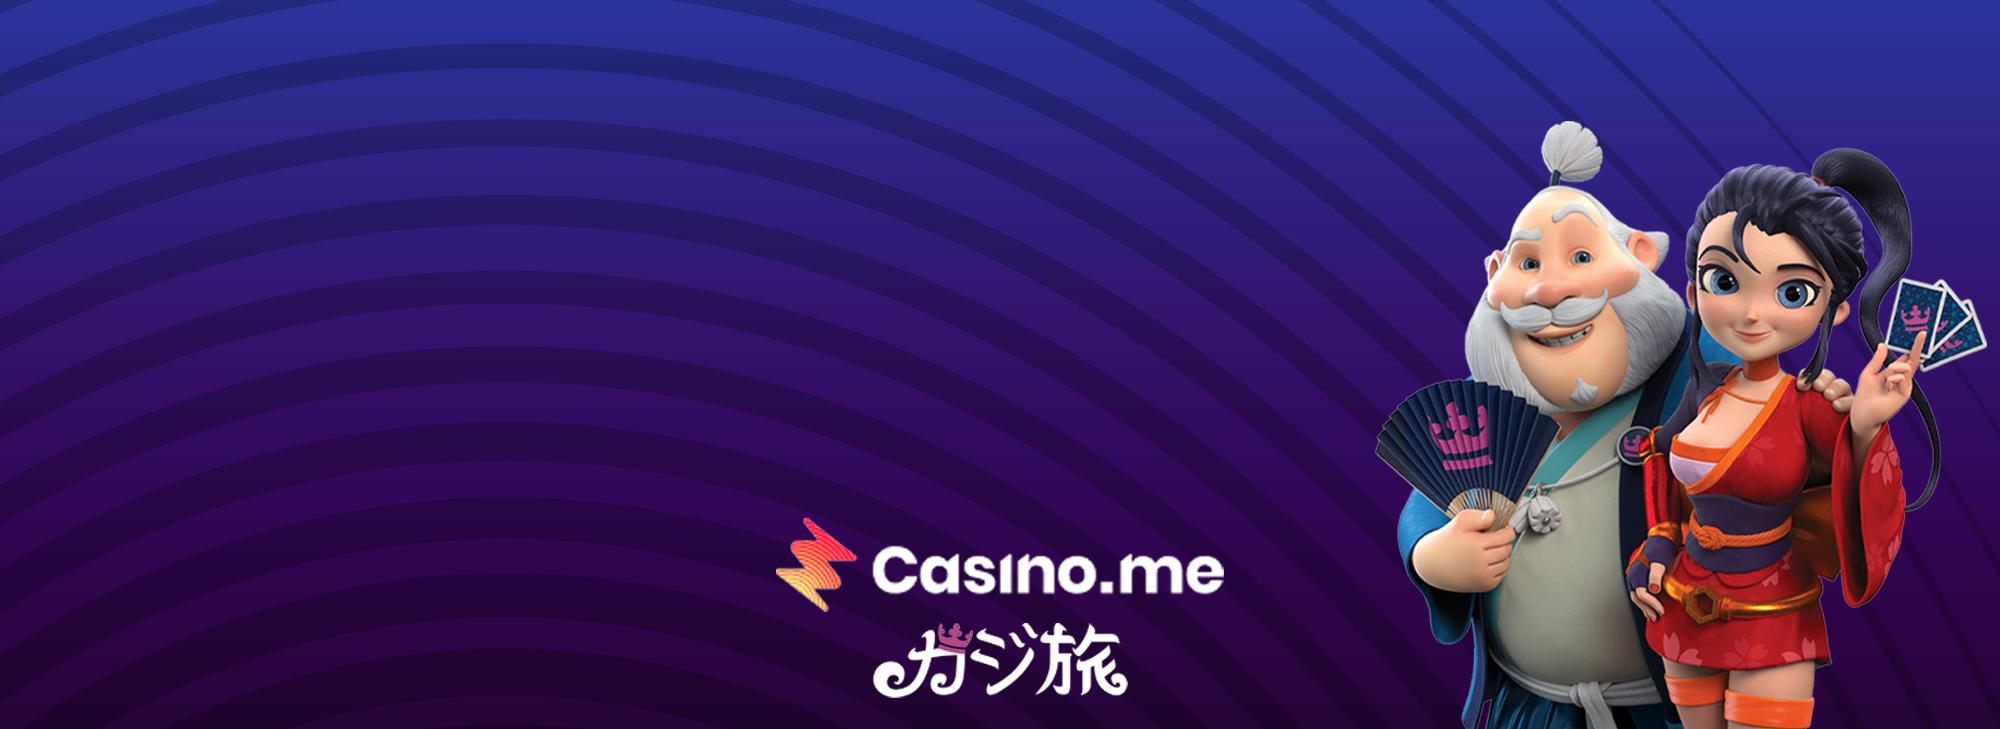 カジ旅&カジノミーの入金方法に銀行送金(J-Pay)が追加!